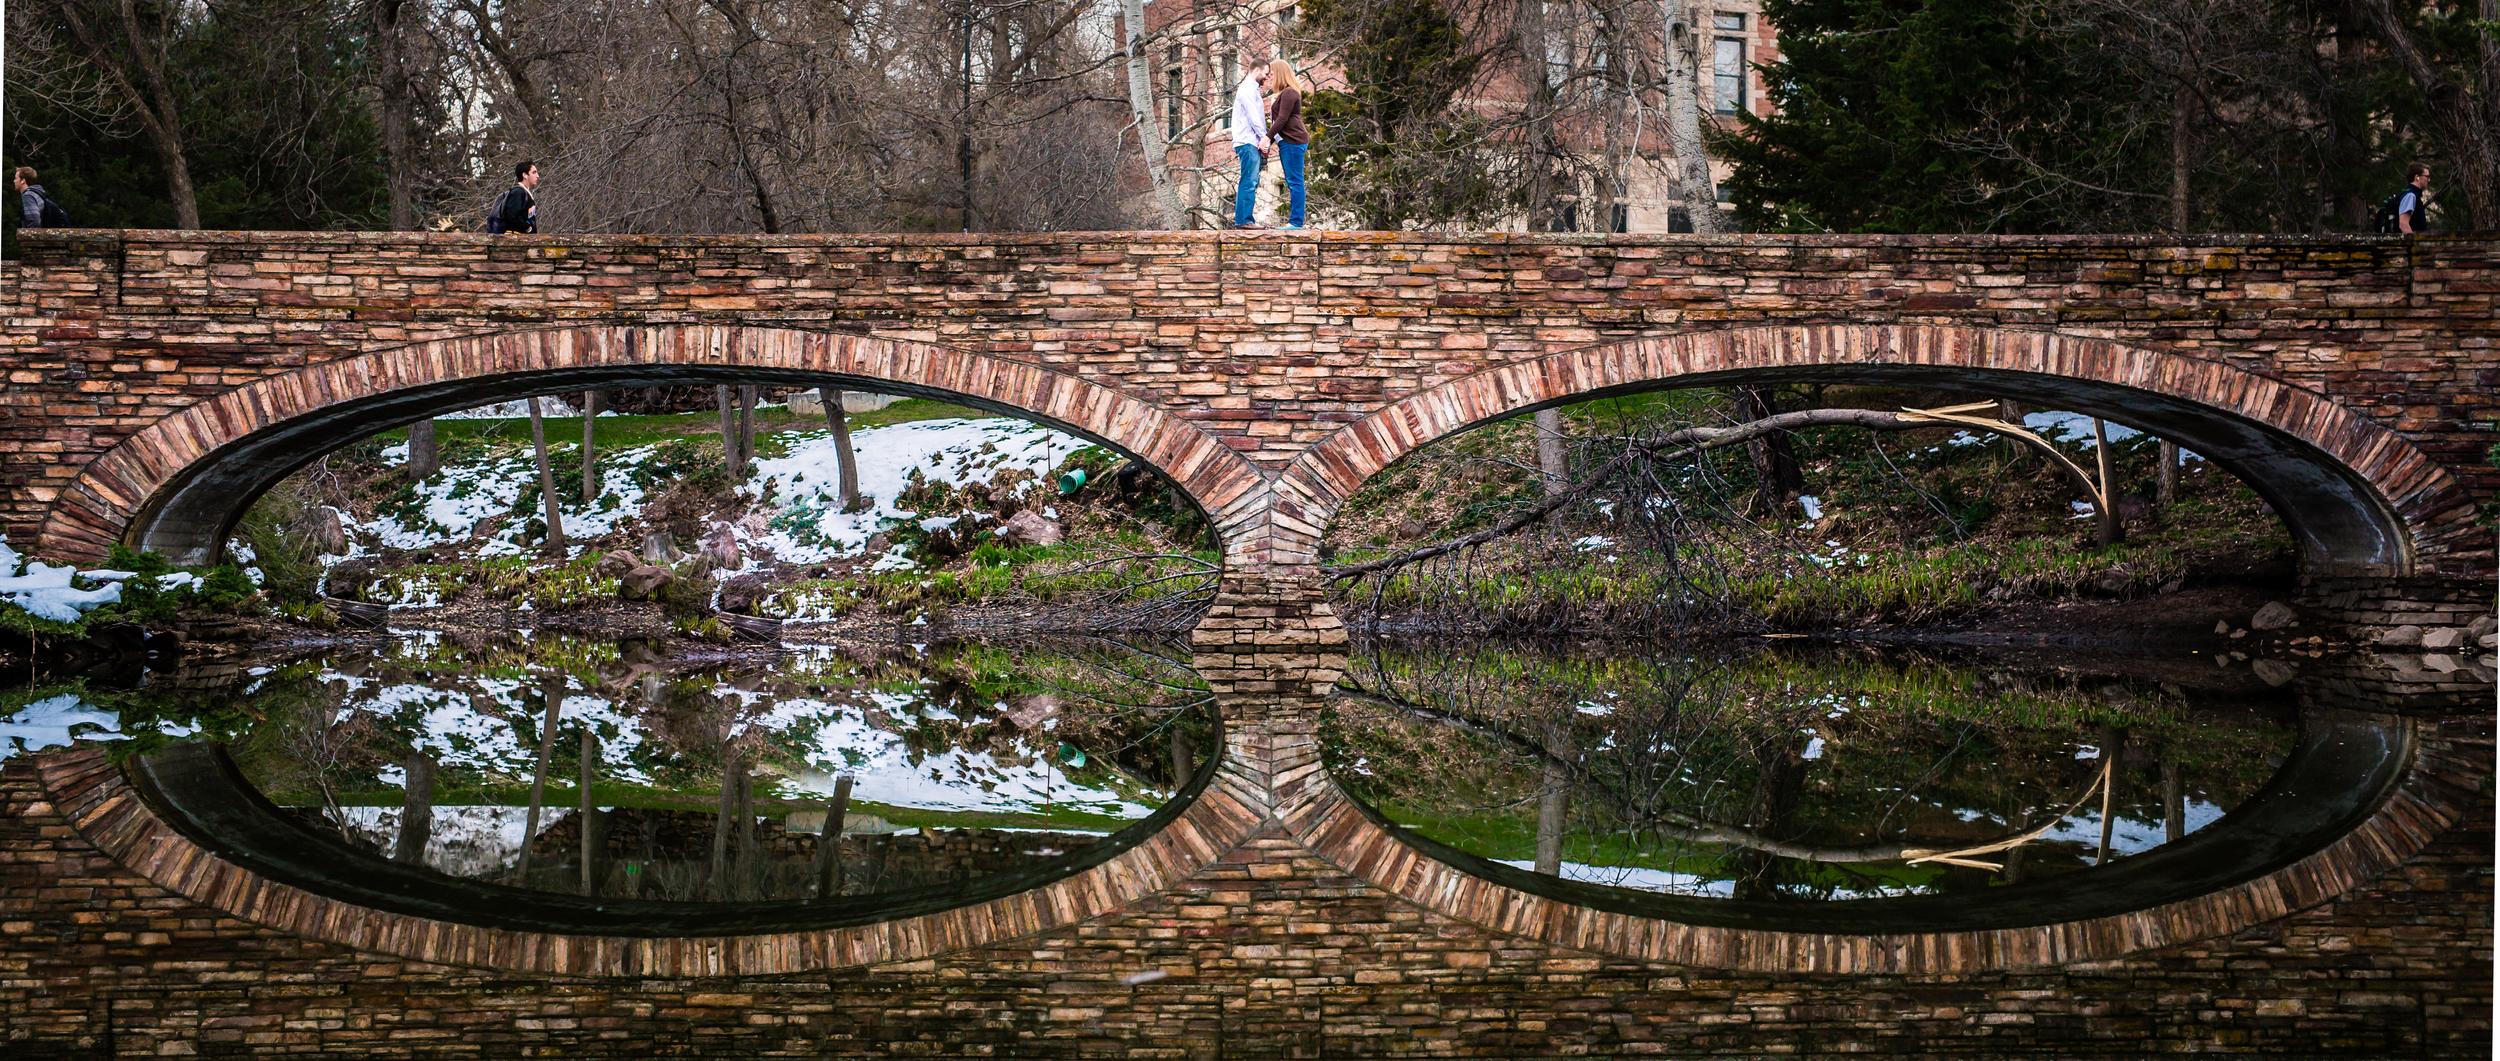 CU Campus engagements - Boulder Colorado - Brick Bridge